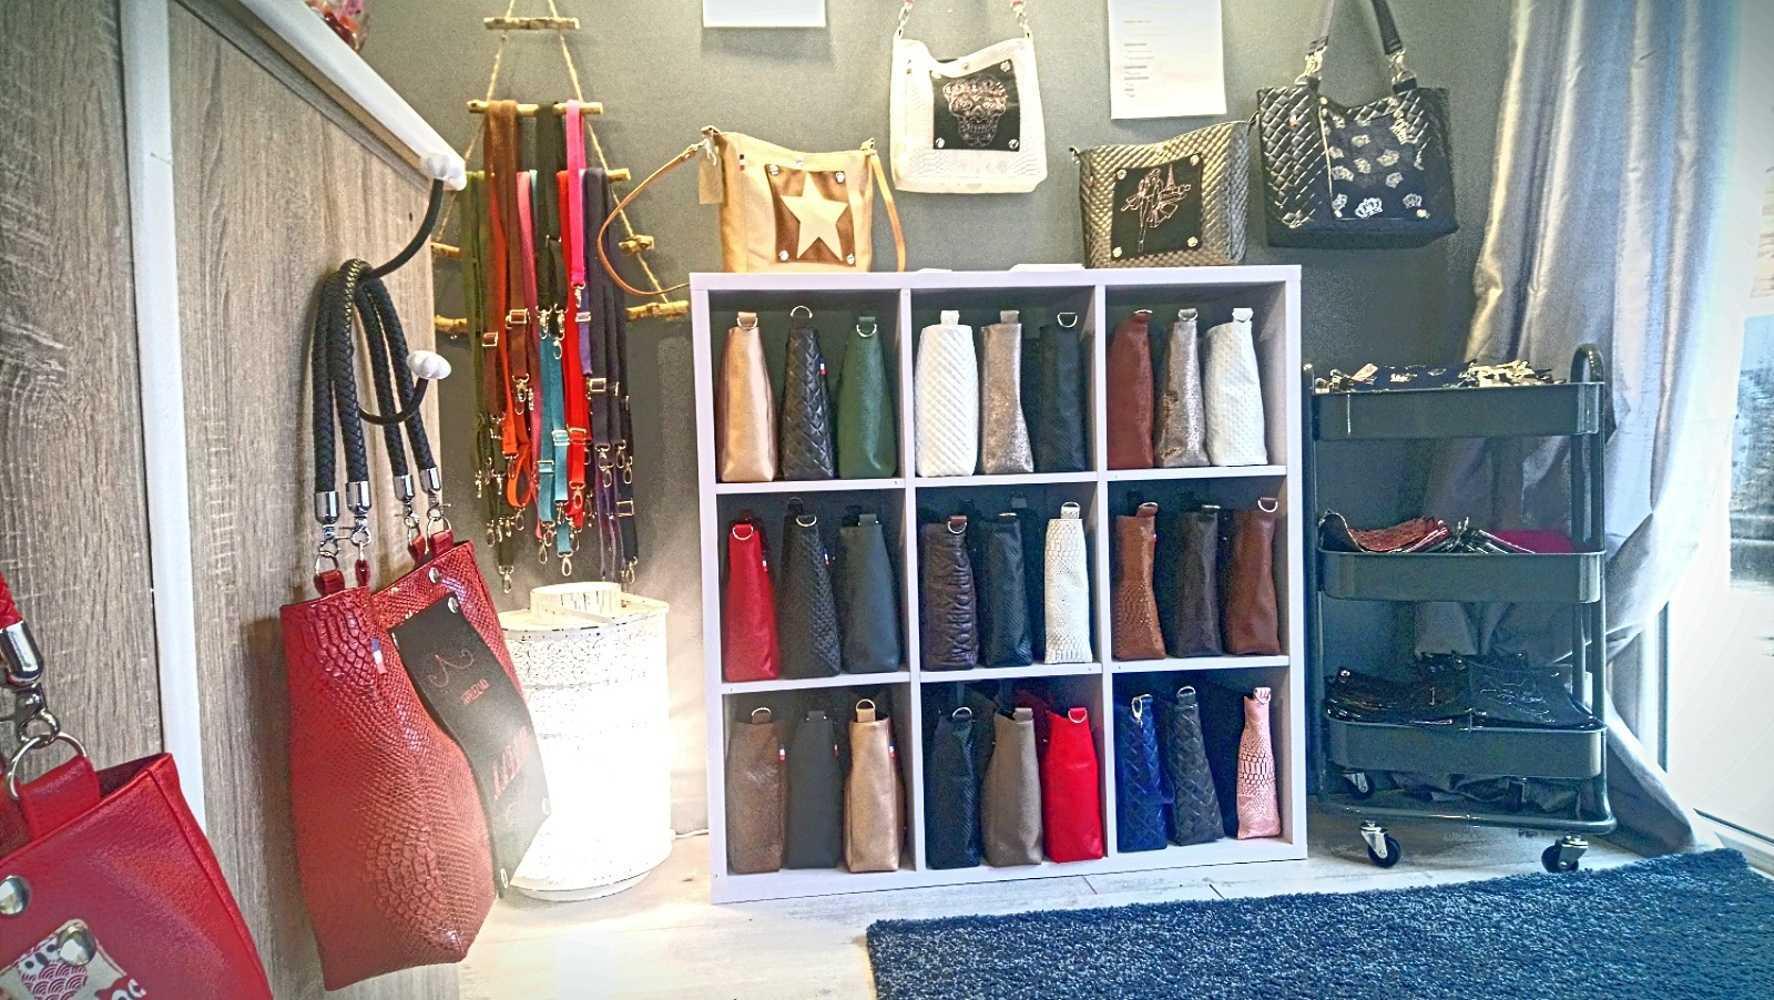 Les FabulE-sacs : un nouvel artisan créateur dans le quartier 0